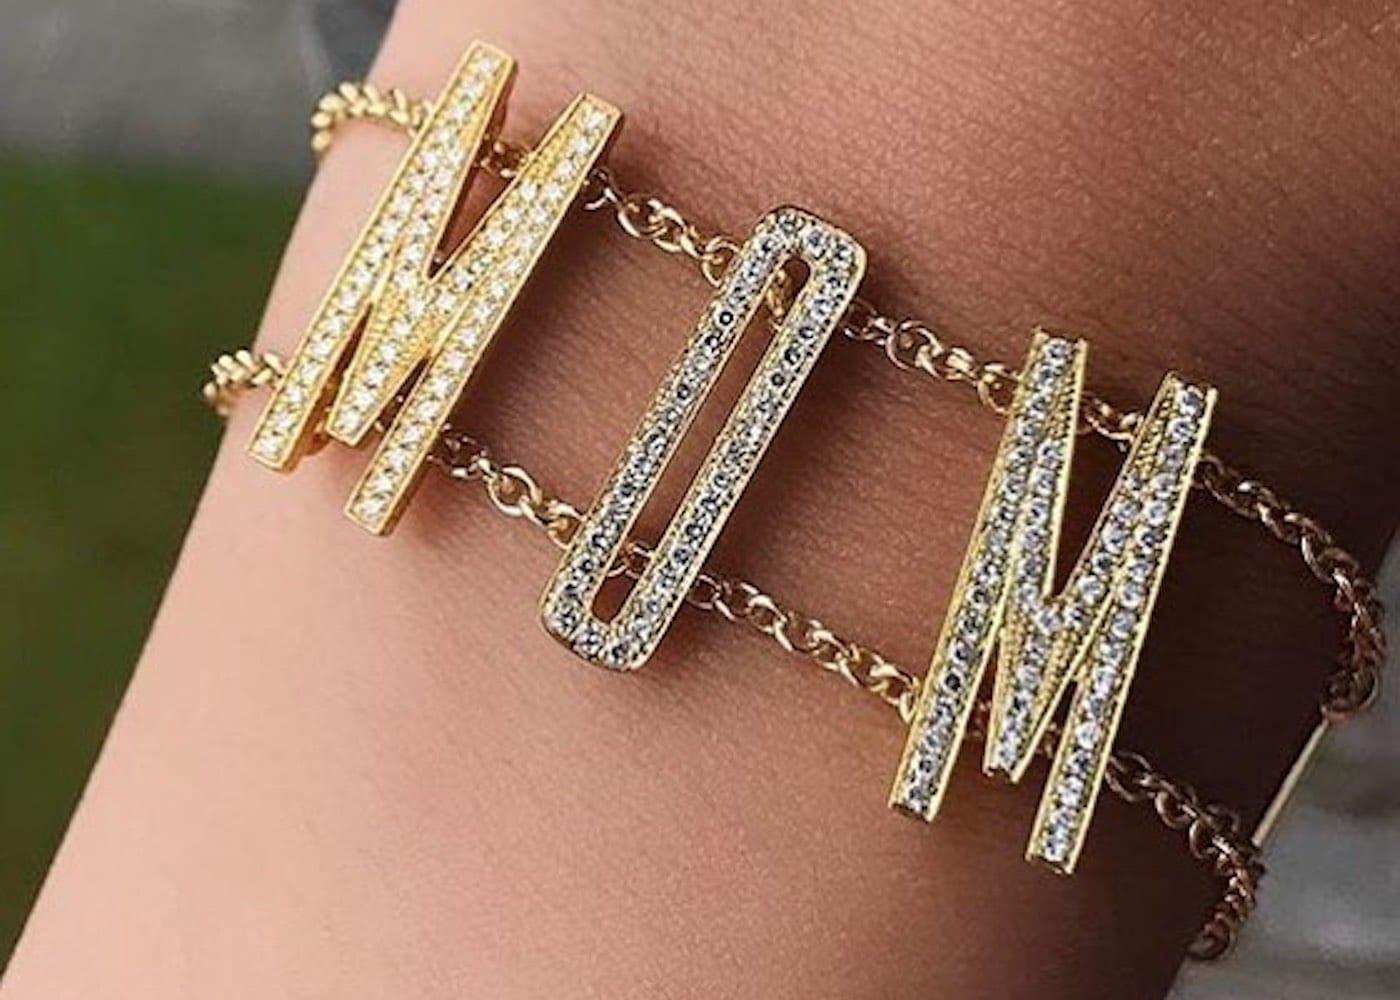 Initial bracelet from Oly + Pie